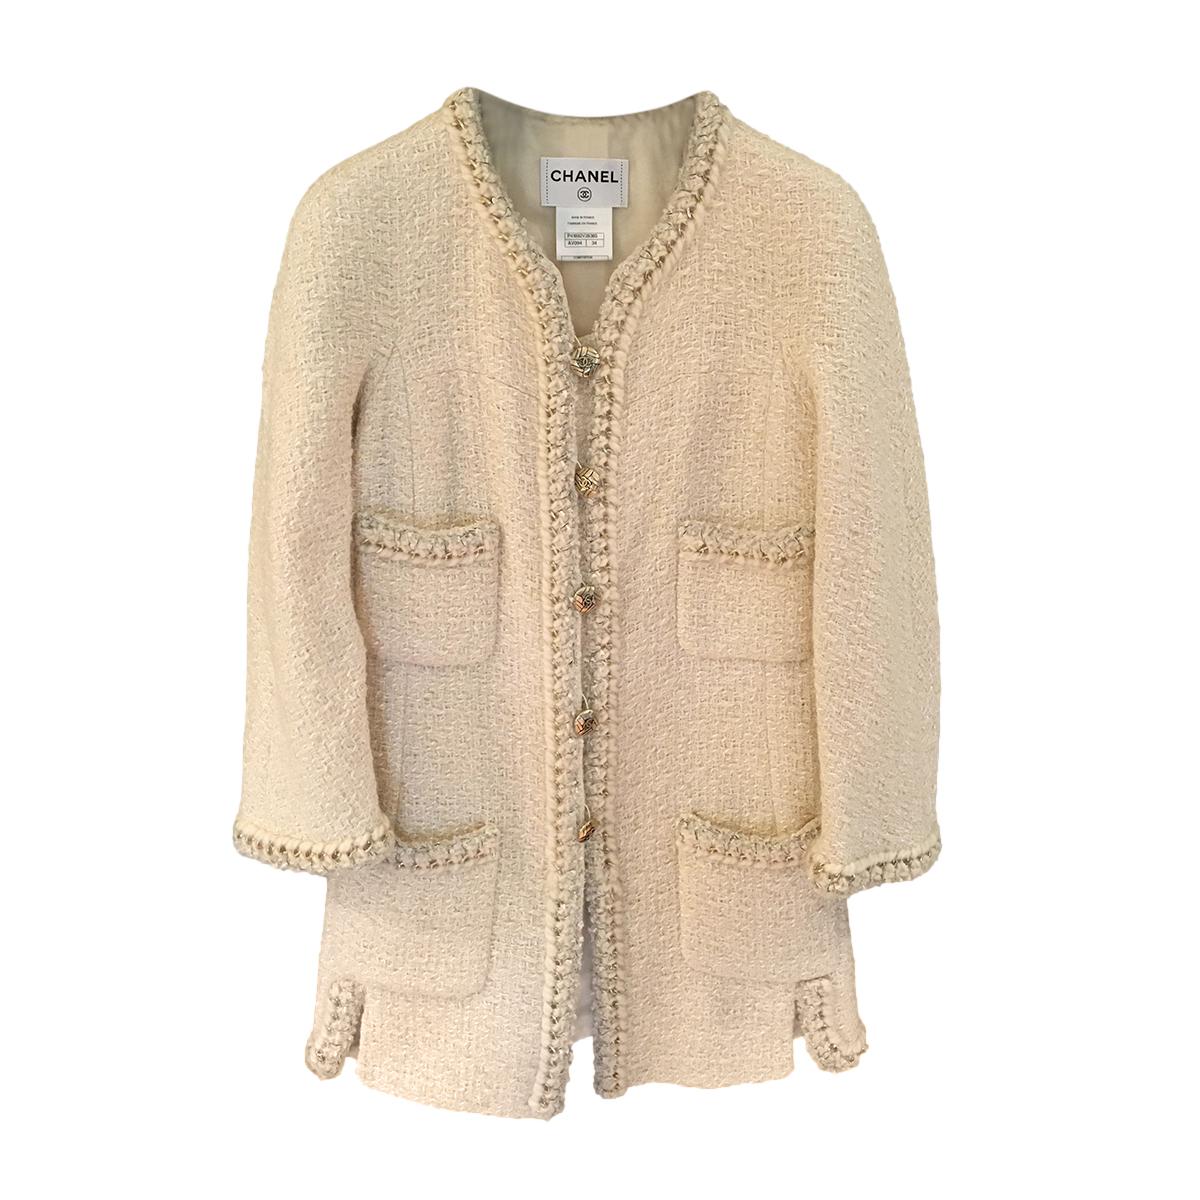 Chanel Cream & Gold Tweed 4-Pocket Coats